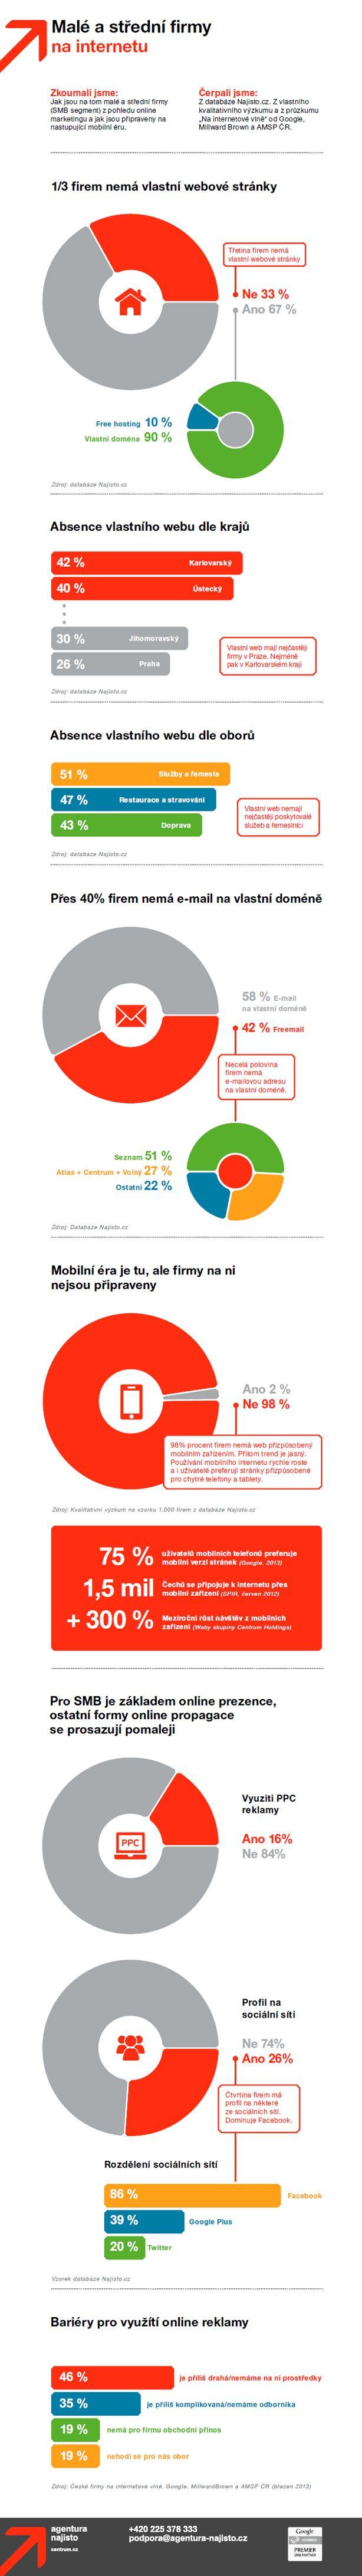 Martin Vinš o SEO, marketingu, turistice nebo filosofii | Irbe Blog: Infografika: Menší české firmy nemají weby přizpůsobené pro mobilní zař...